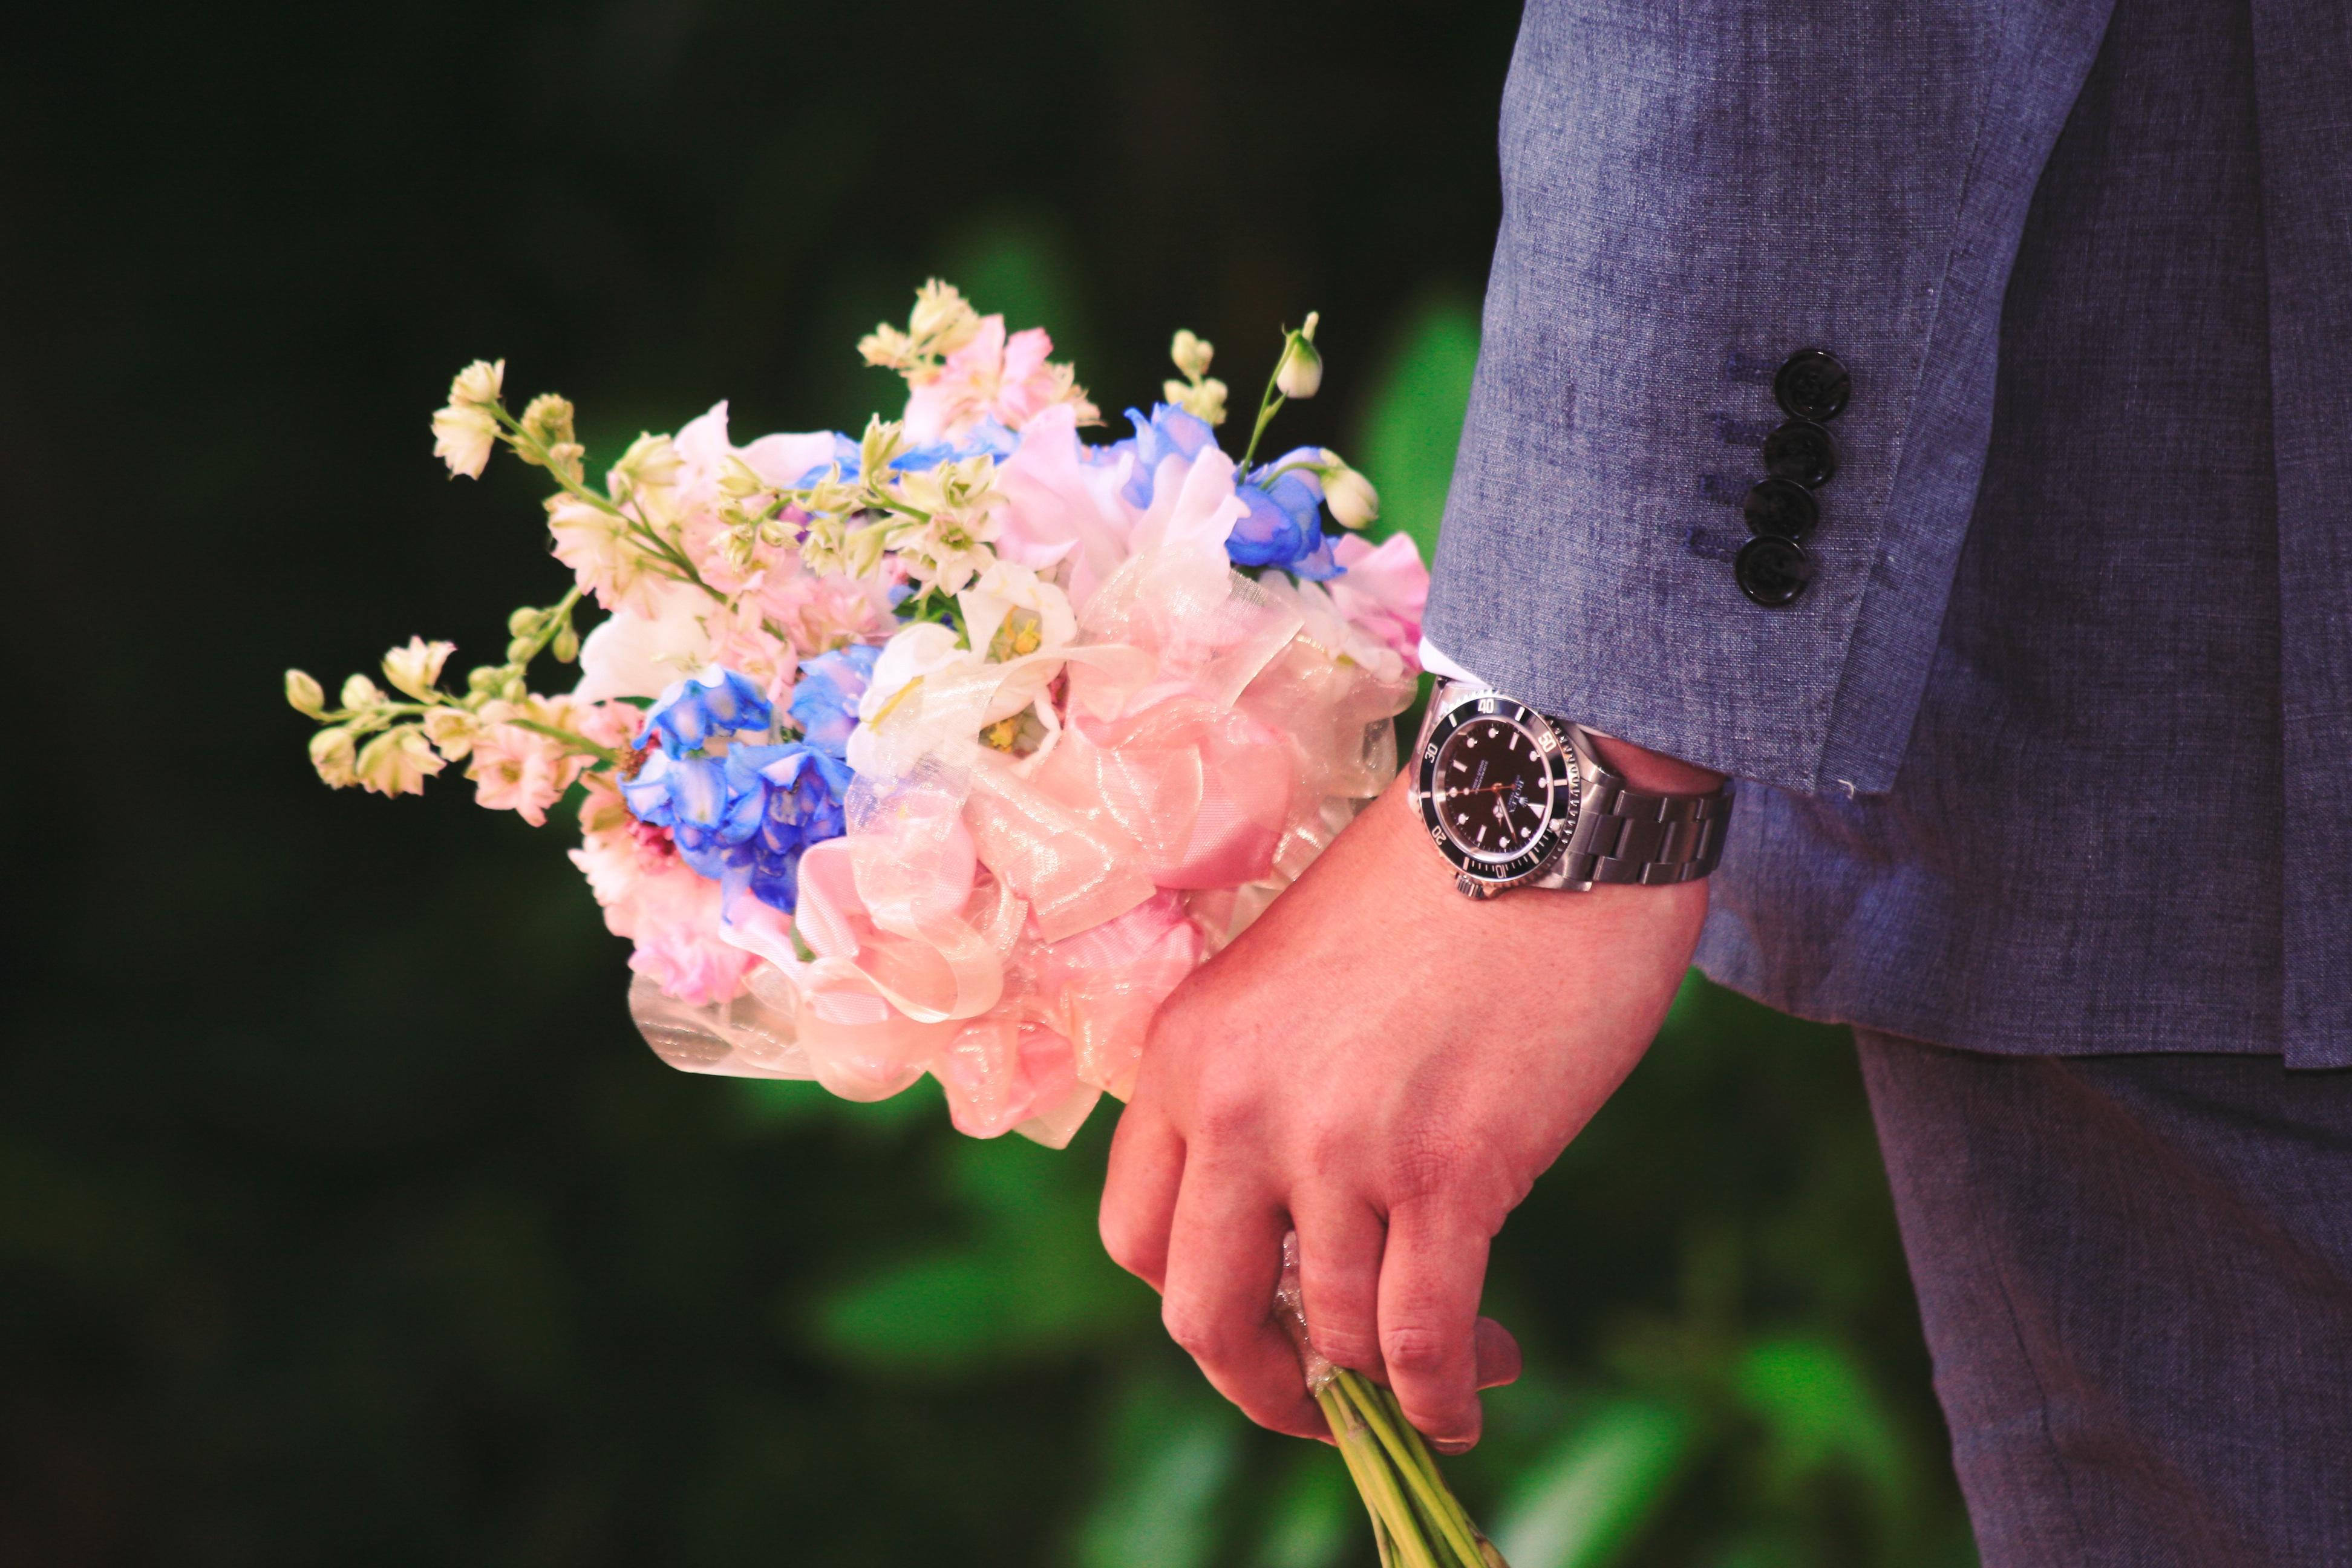 Fotos gratis : reloj, naturaleza, rama, traje, fotografía, hoja ...